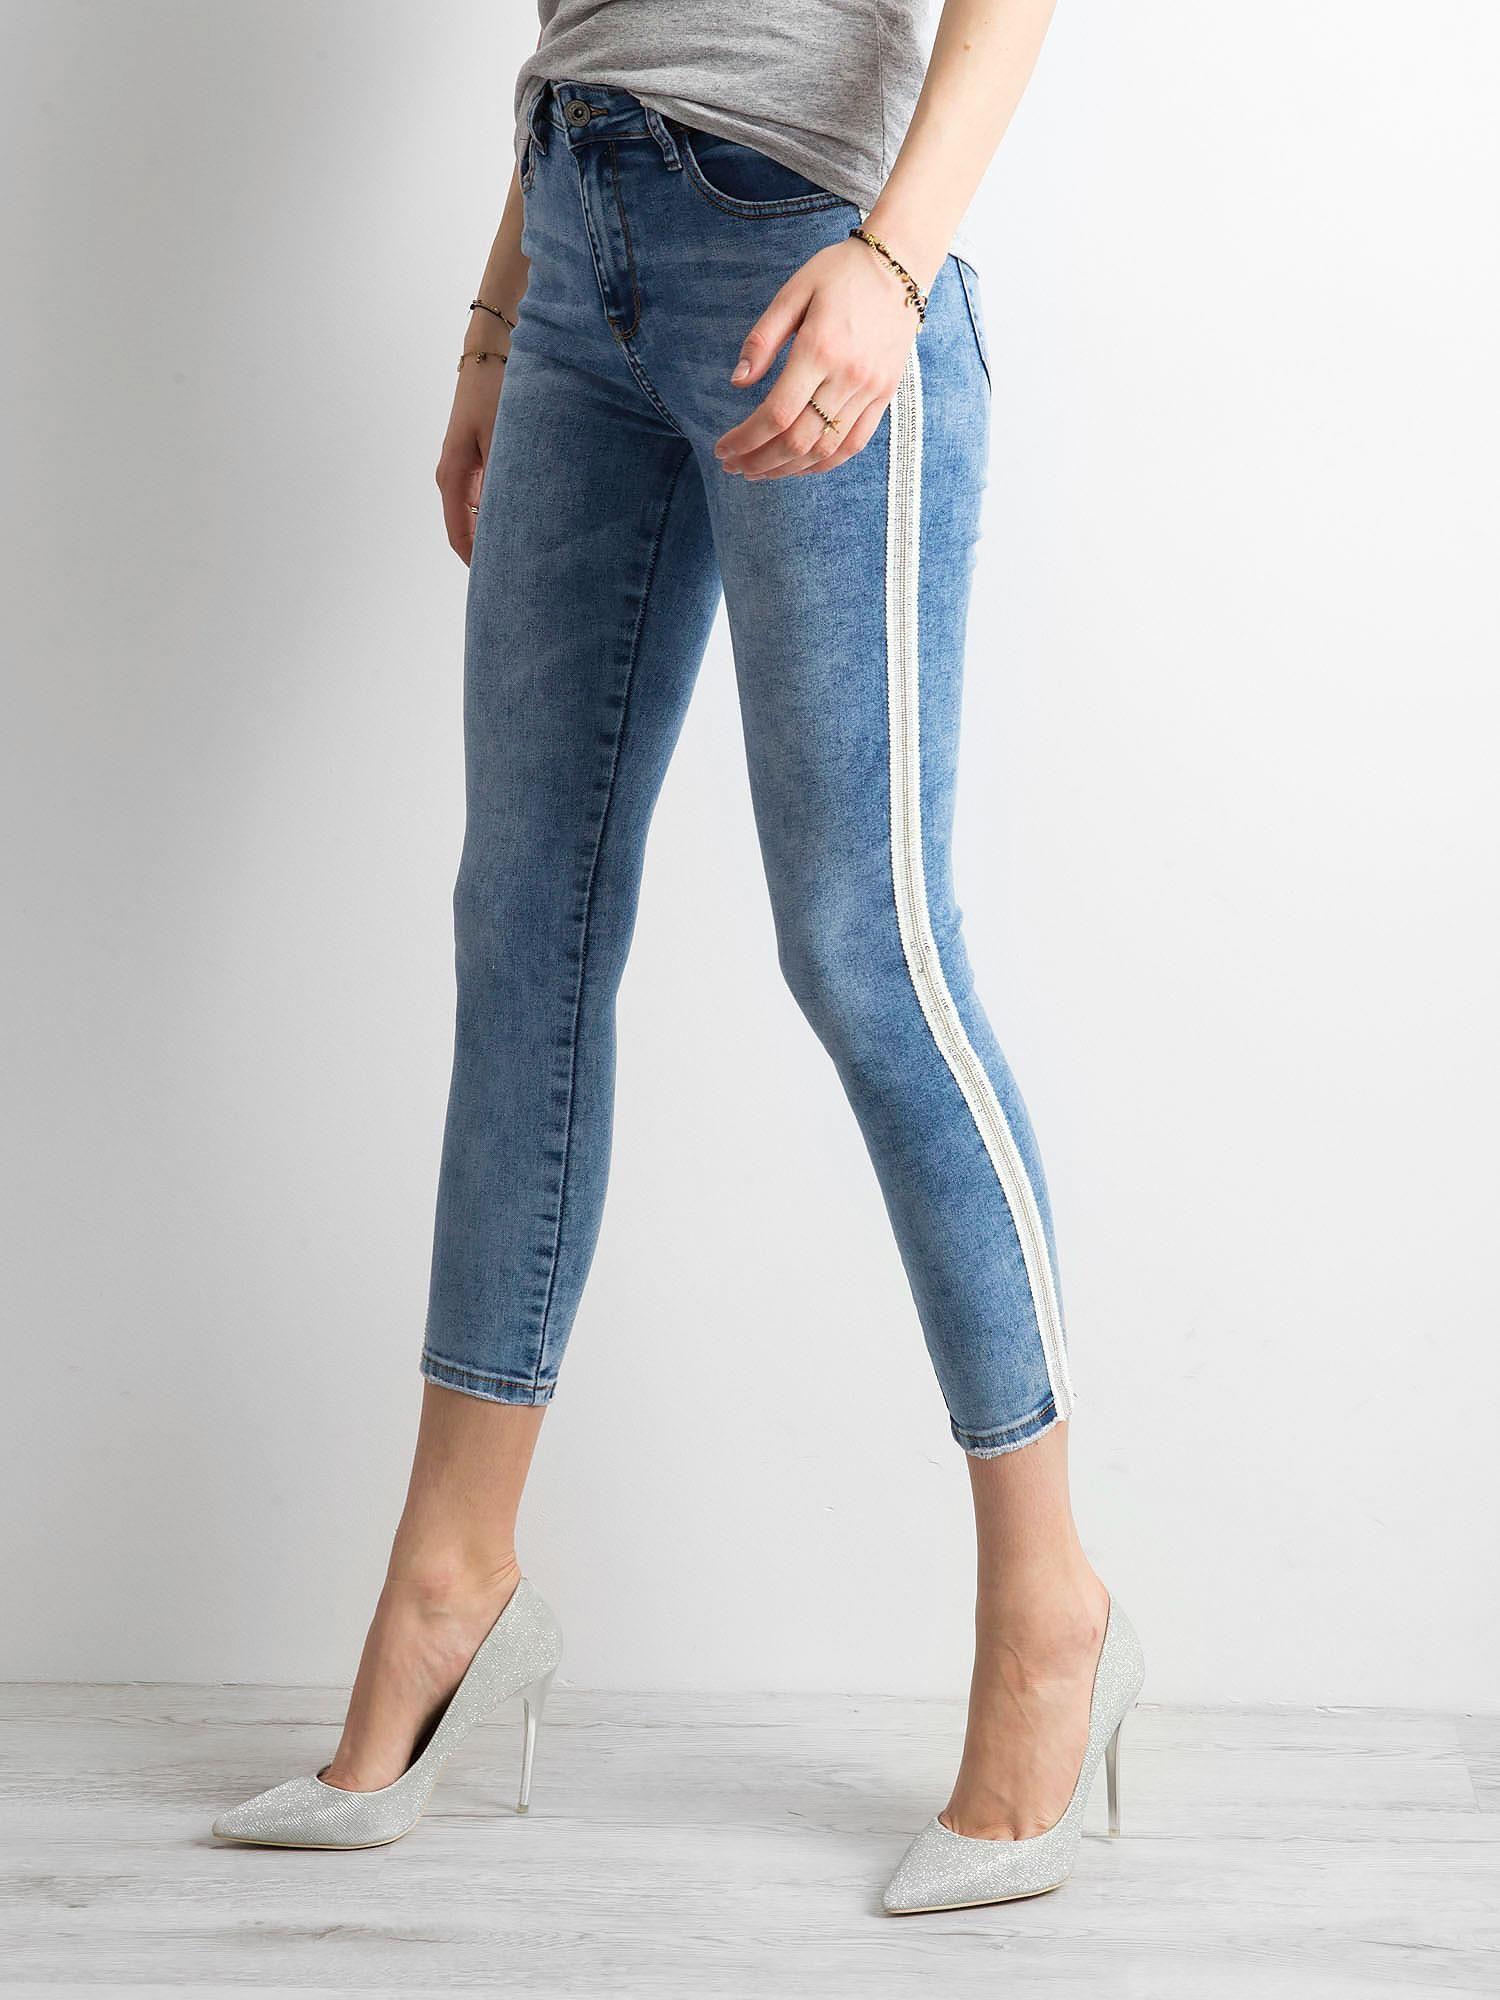 37ab1a24 Niebieskie jeansy skinny z cekinowym lampasem